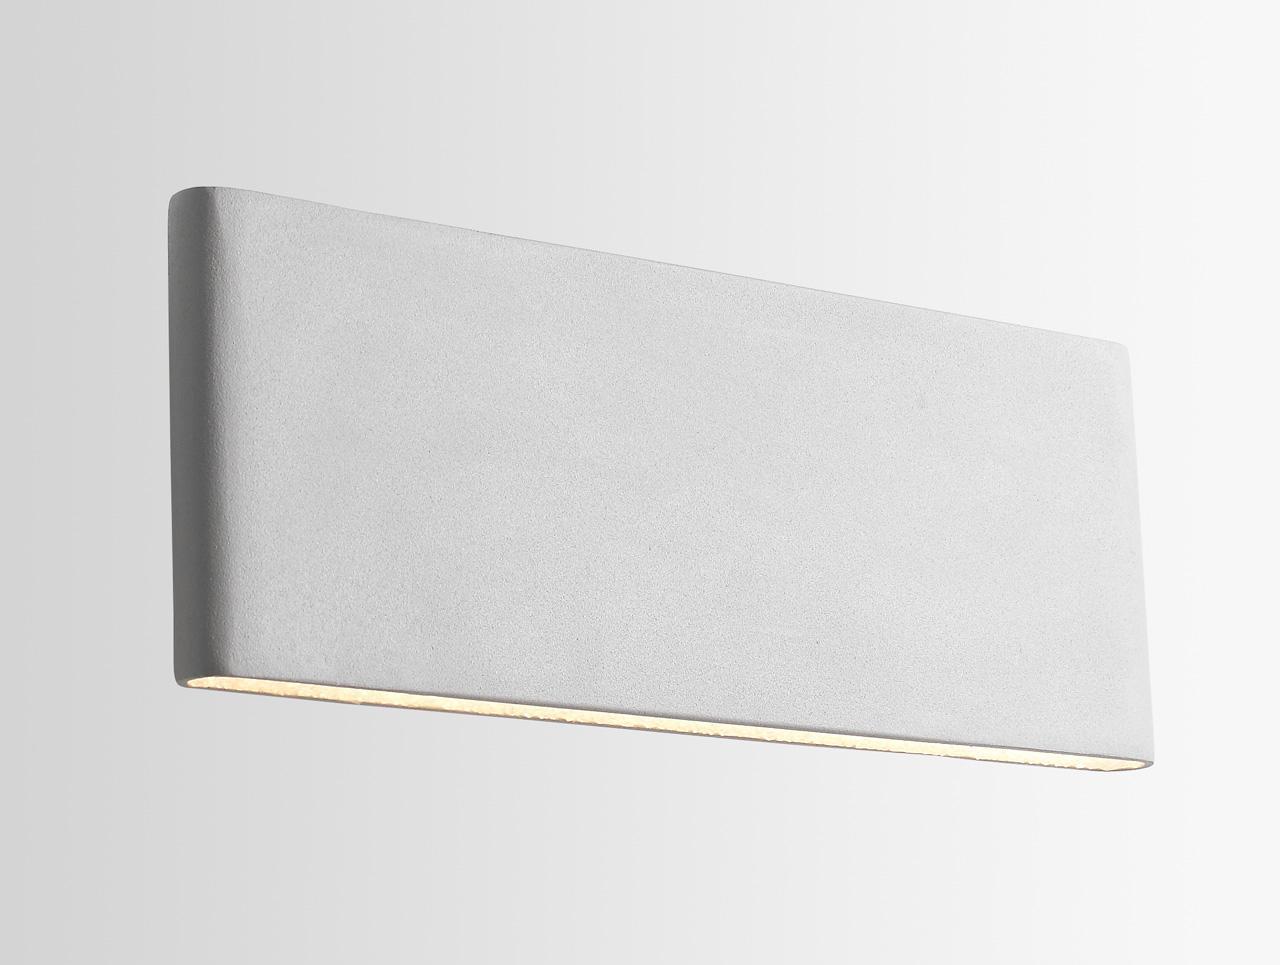 купить Настенный светильник Lucia Tucci Aero W205 Bianco LED по цене 8499 рублей